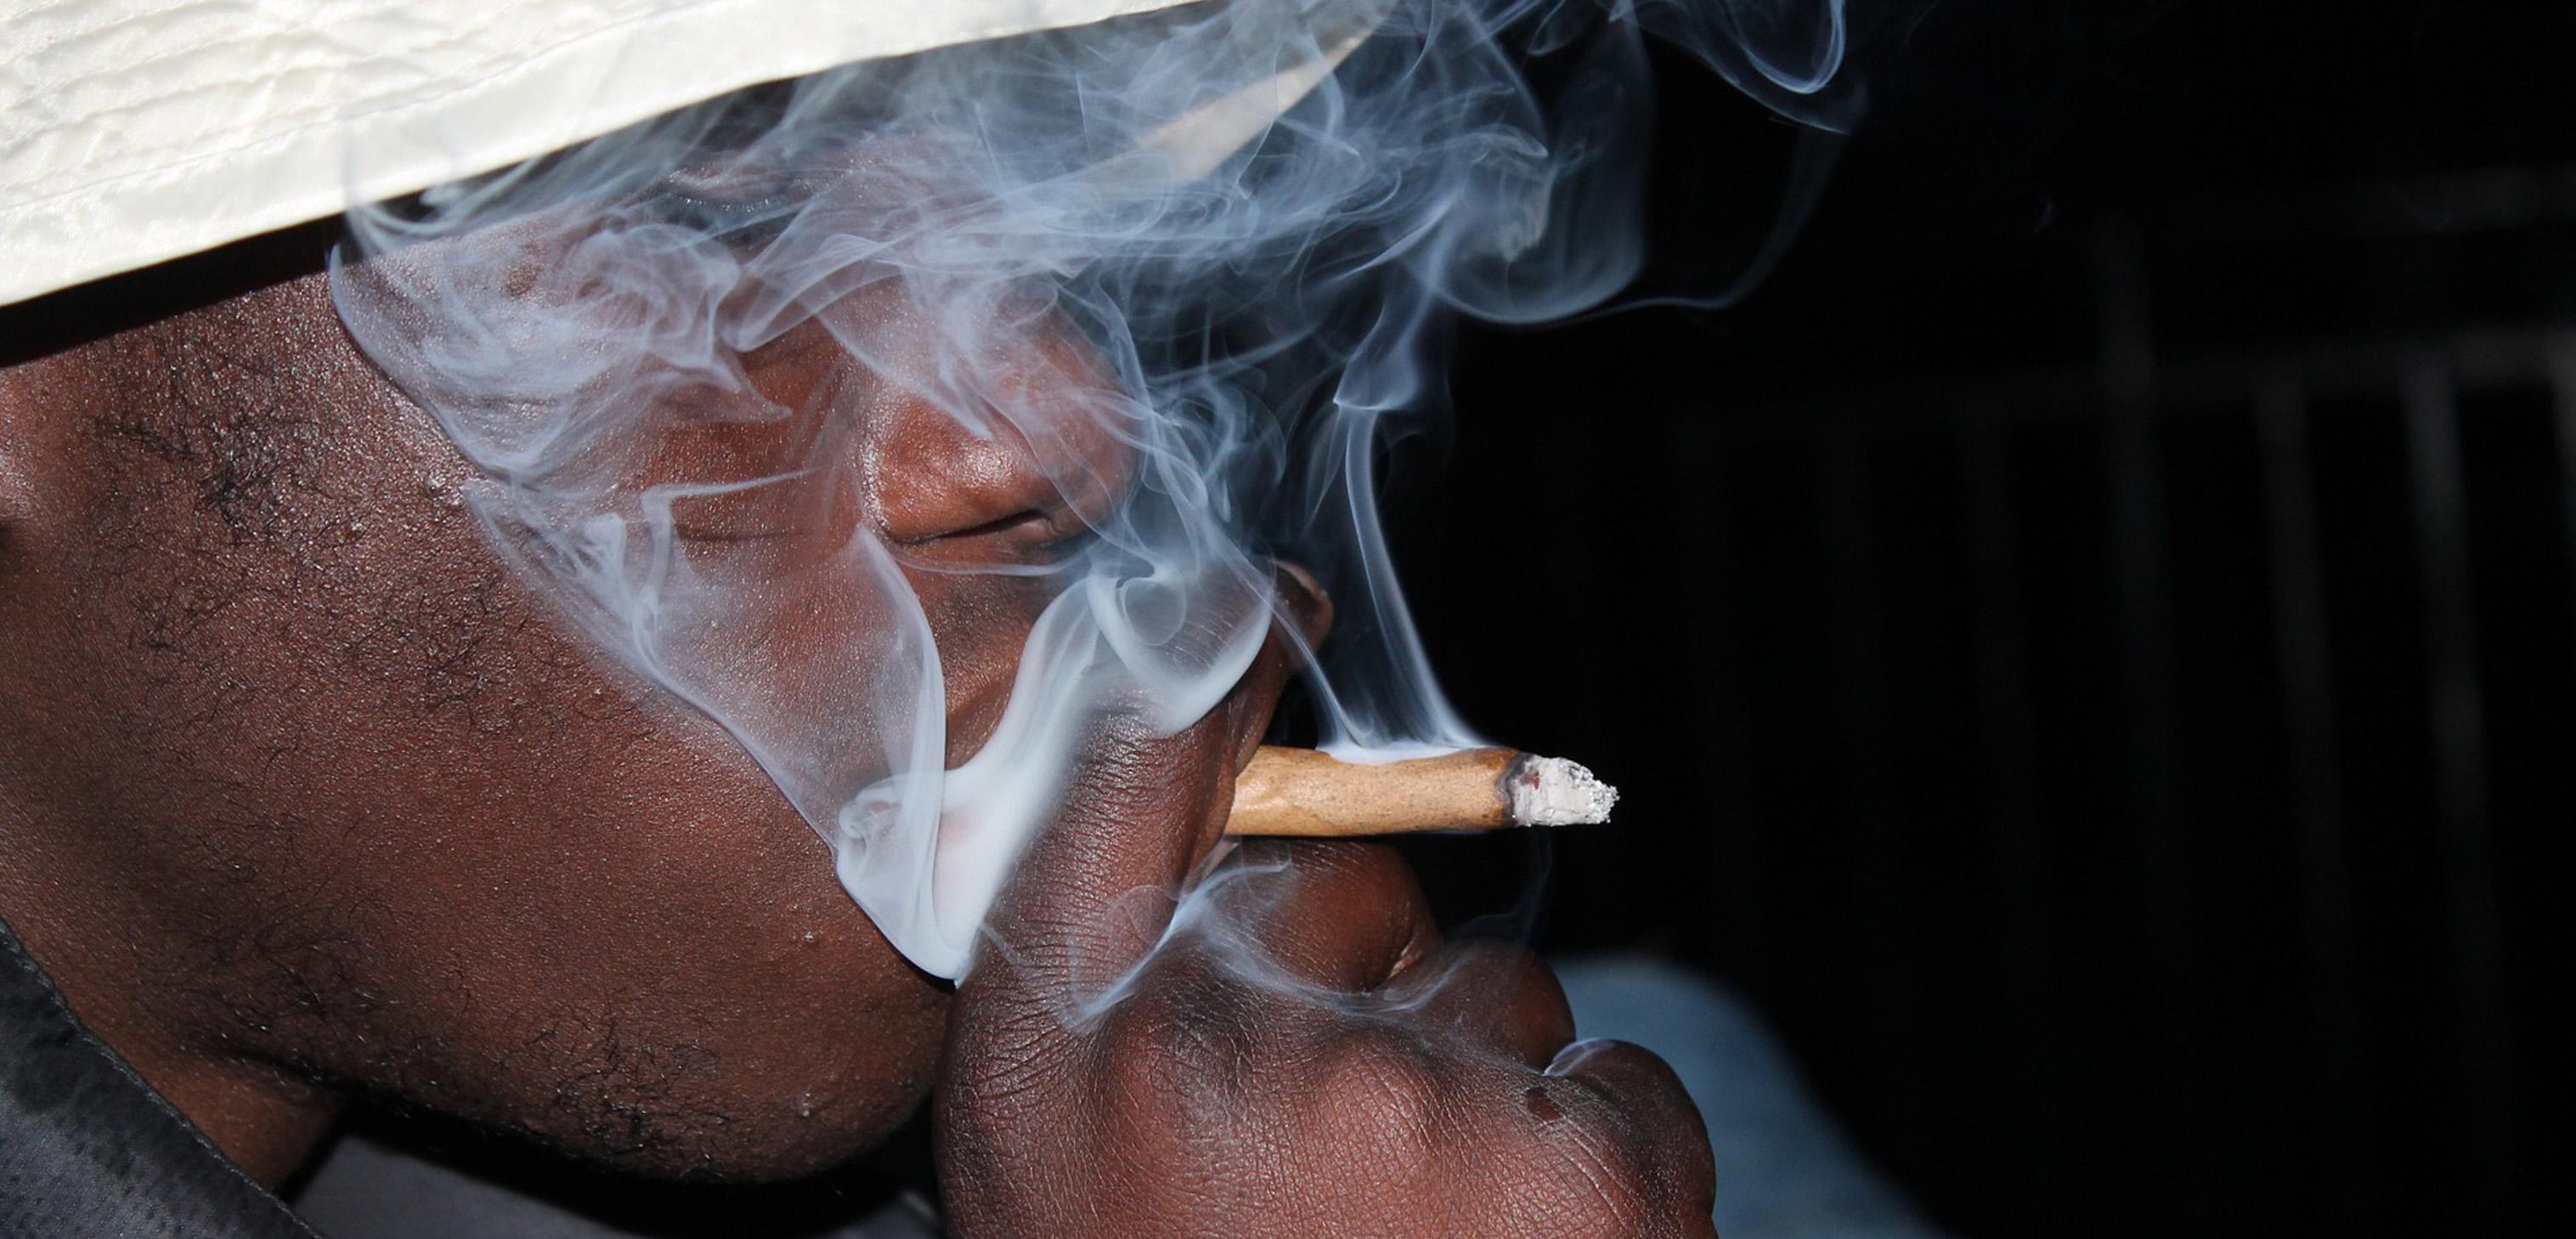 Марихуану курит человек или нет порох с коноплей